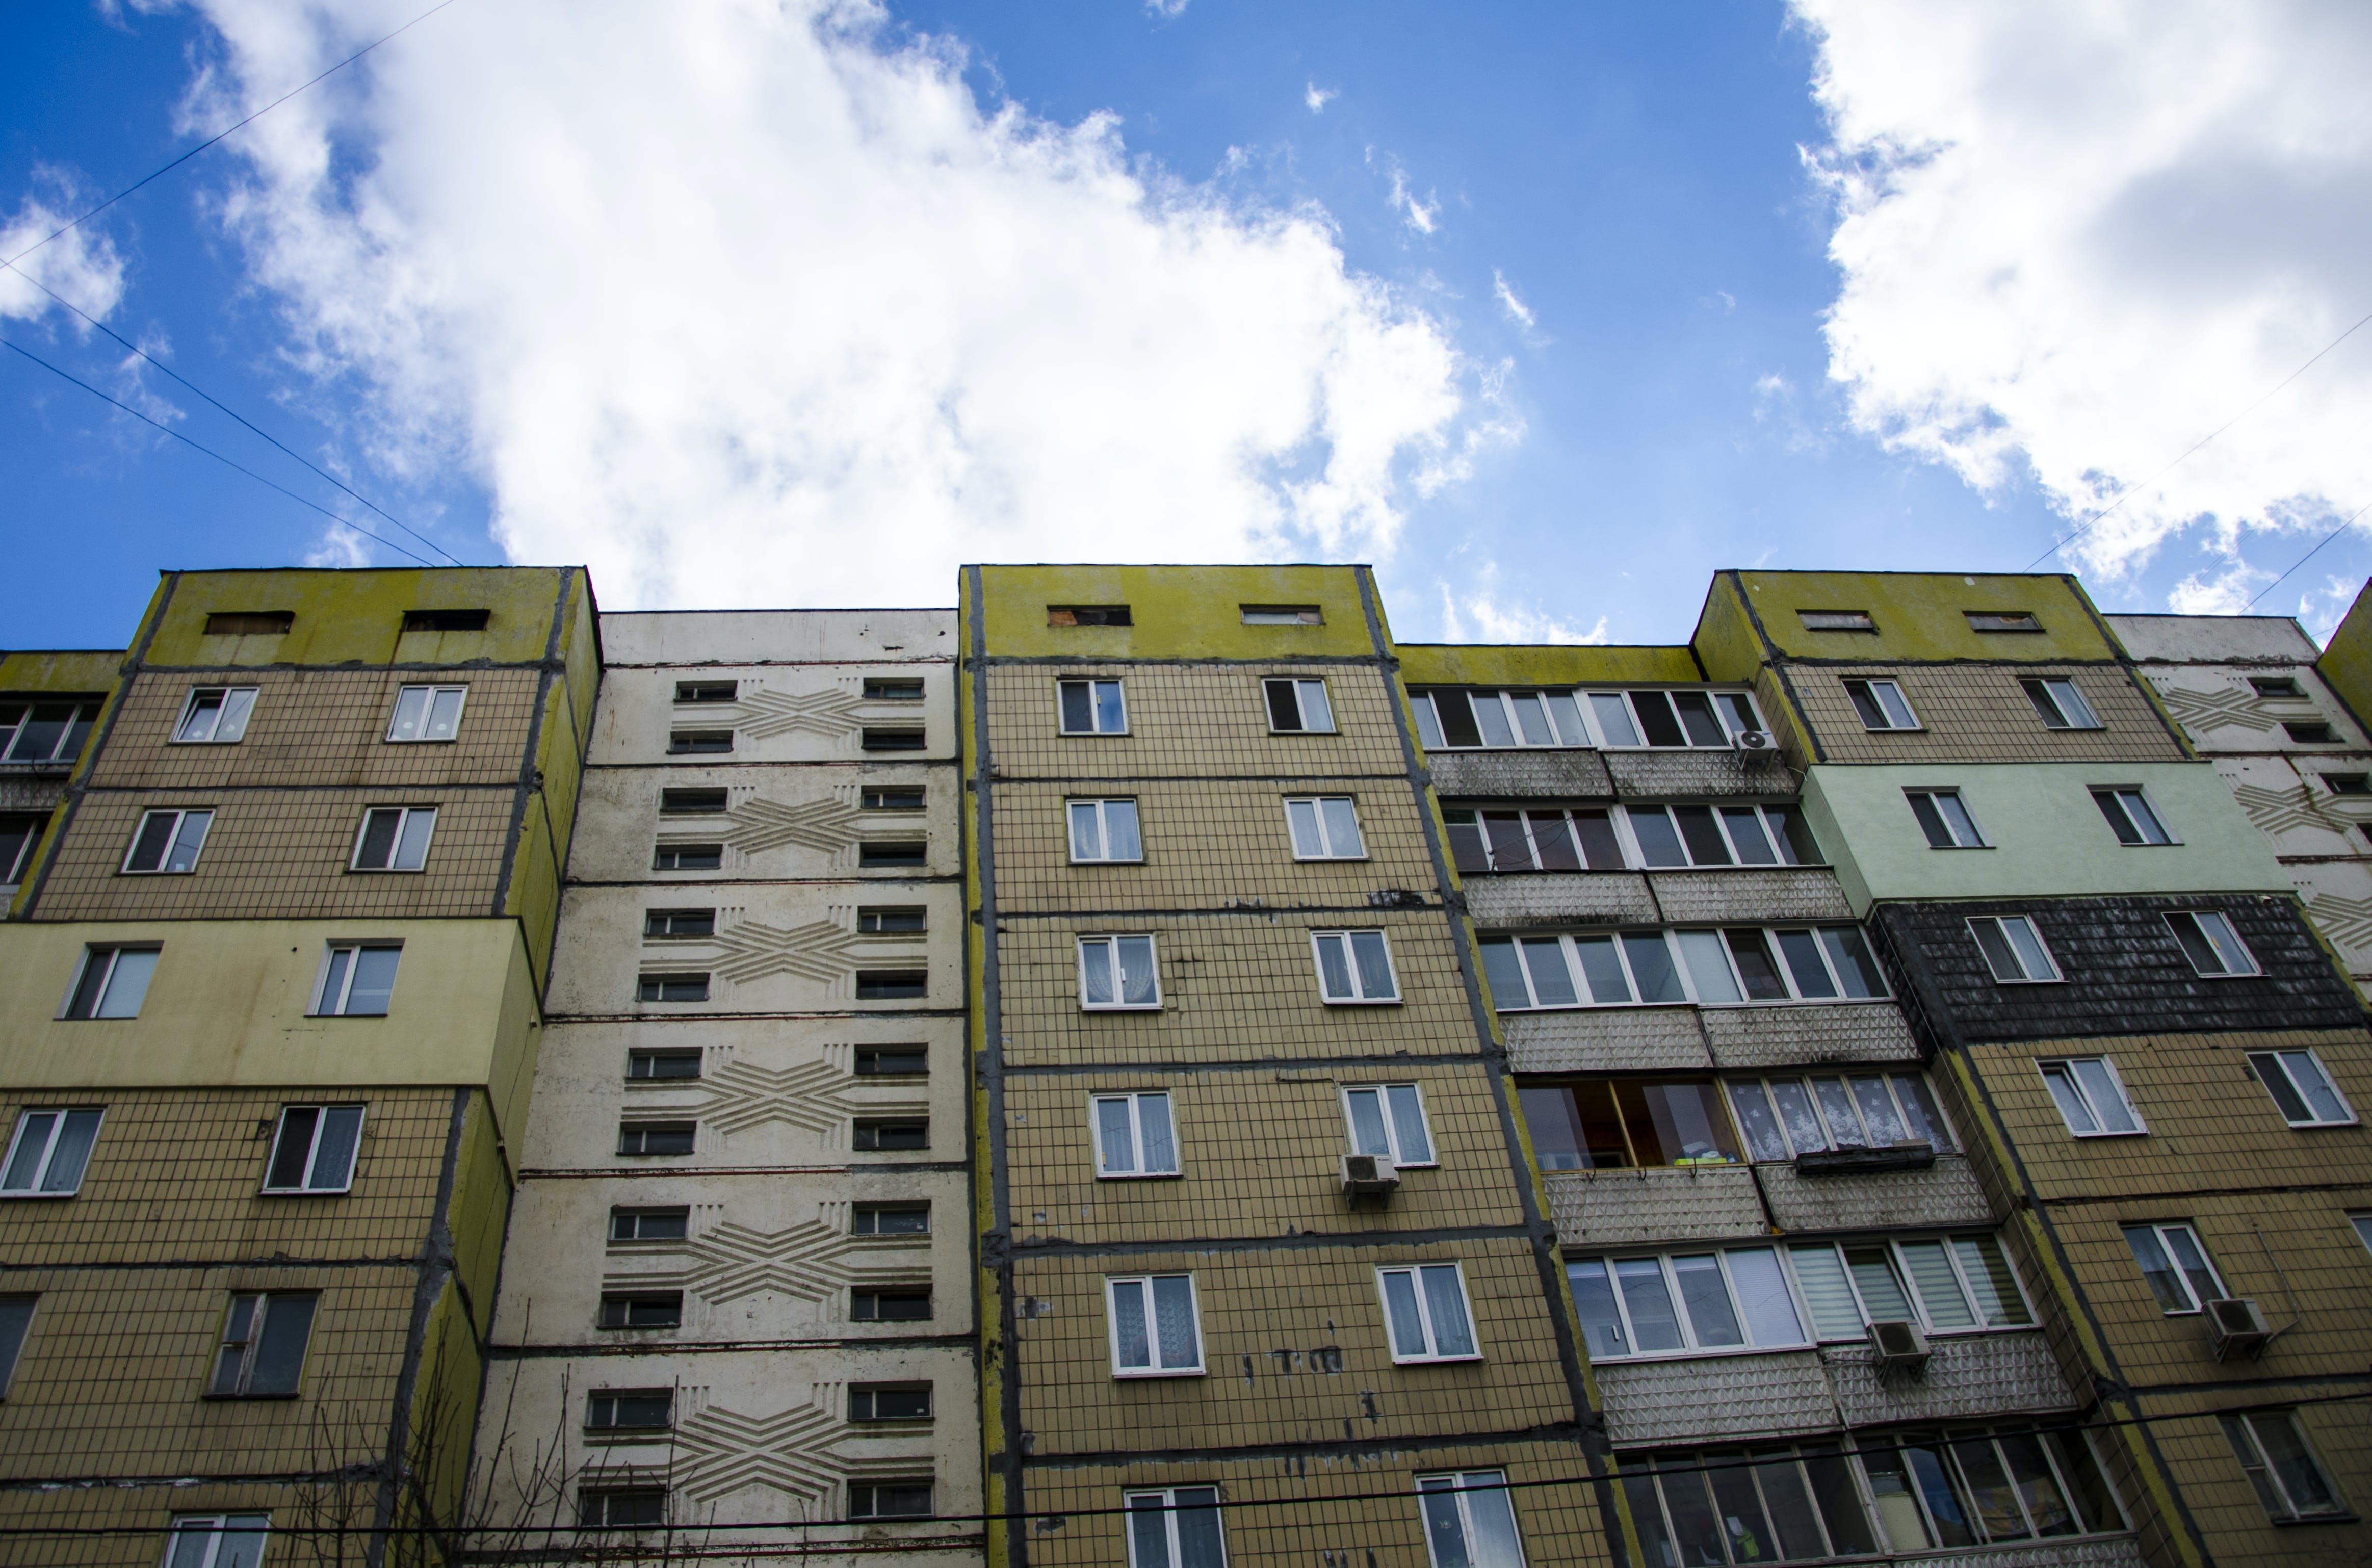 Kostenloses Stock Foto zu gebäude, altes gebäude, wohngebäude